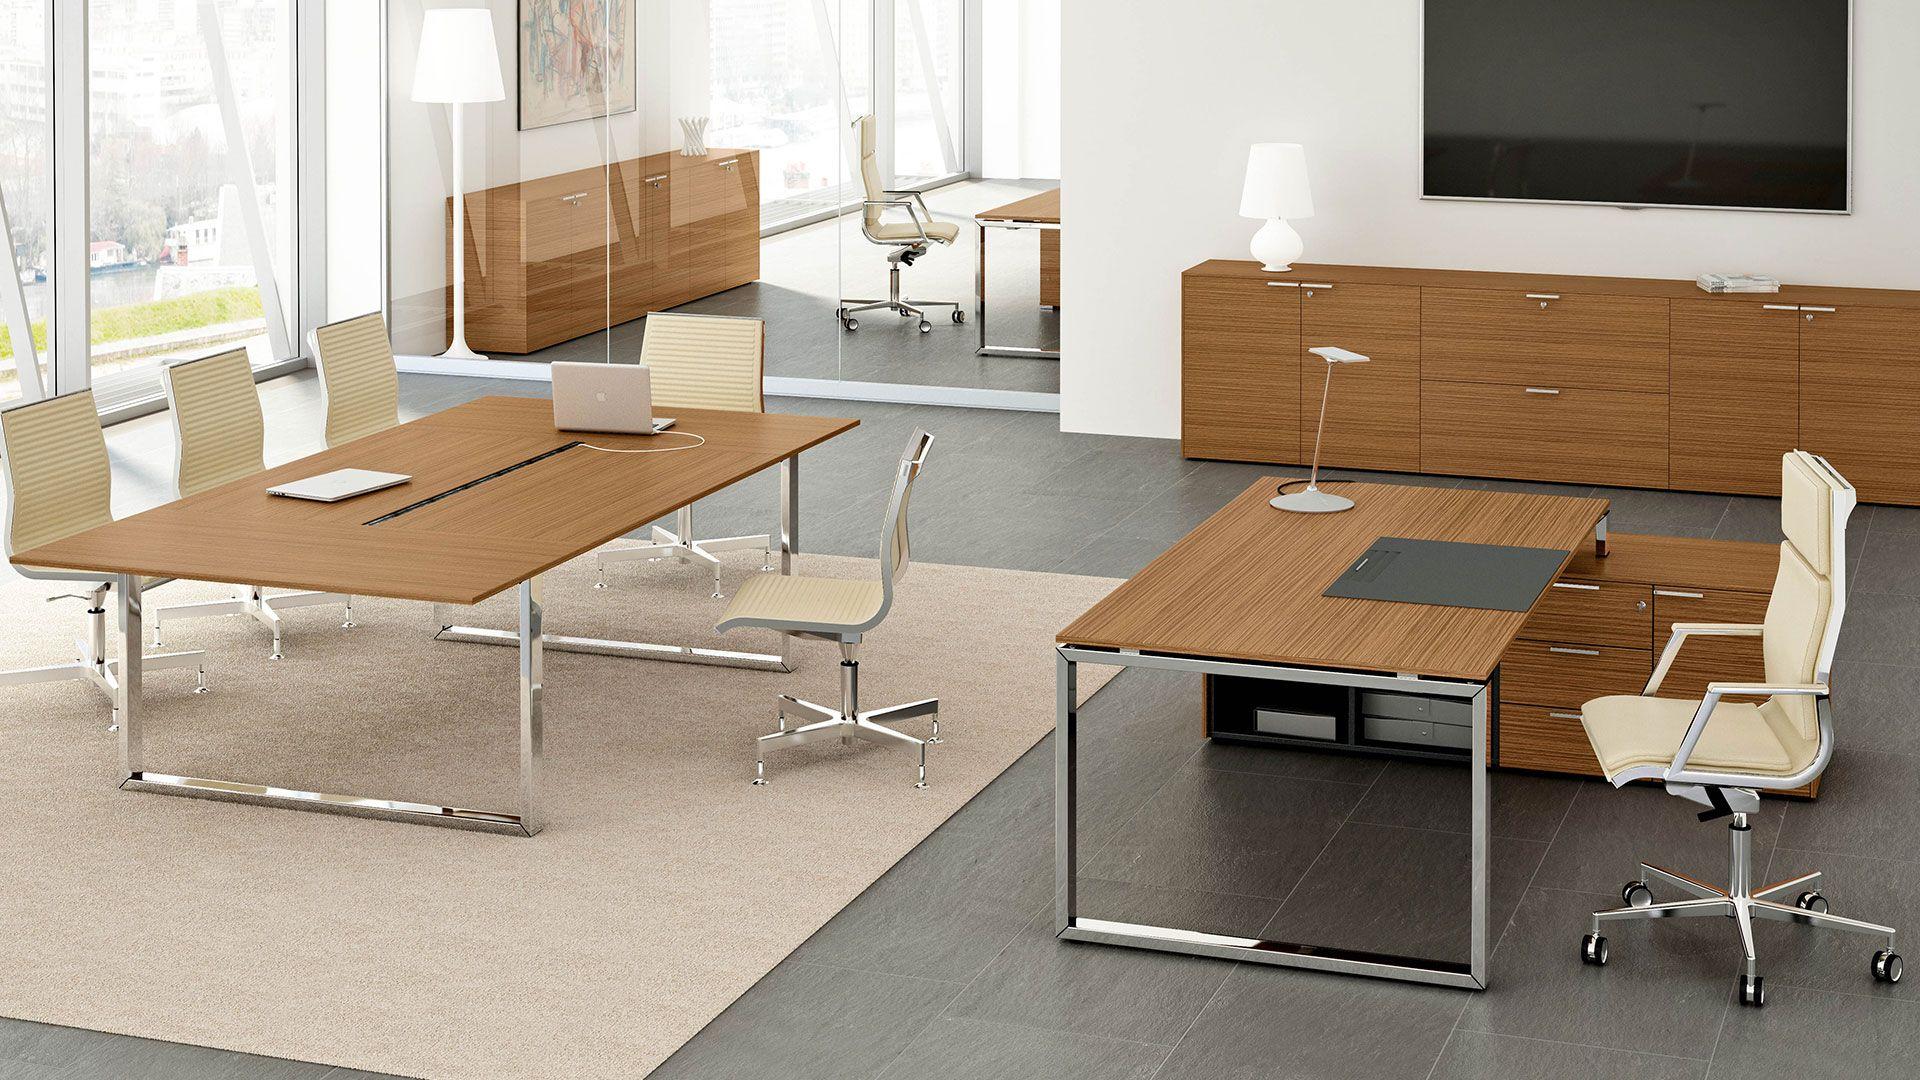 Wunderschoner Chefschreibtisch 200x100 Mit Schreibtischplatte Nussbaum Dekor Mit Streifen Chefbuero D Corporate Office Design Chefschreibtisch Buroschreibtisch